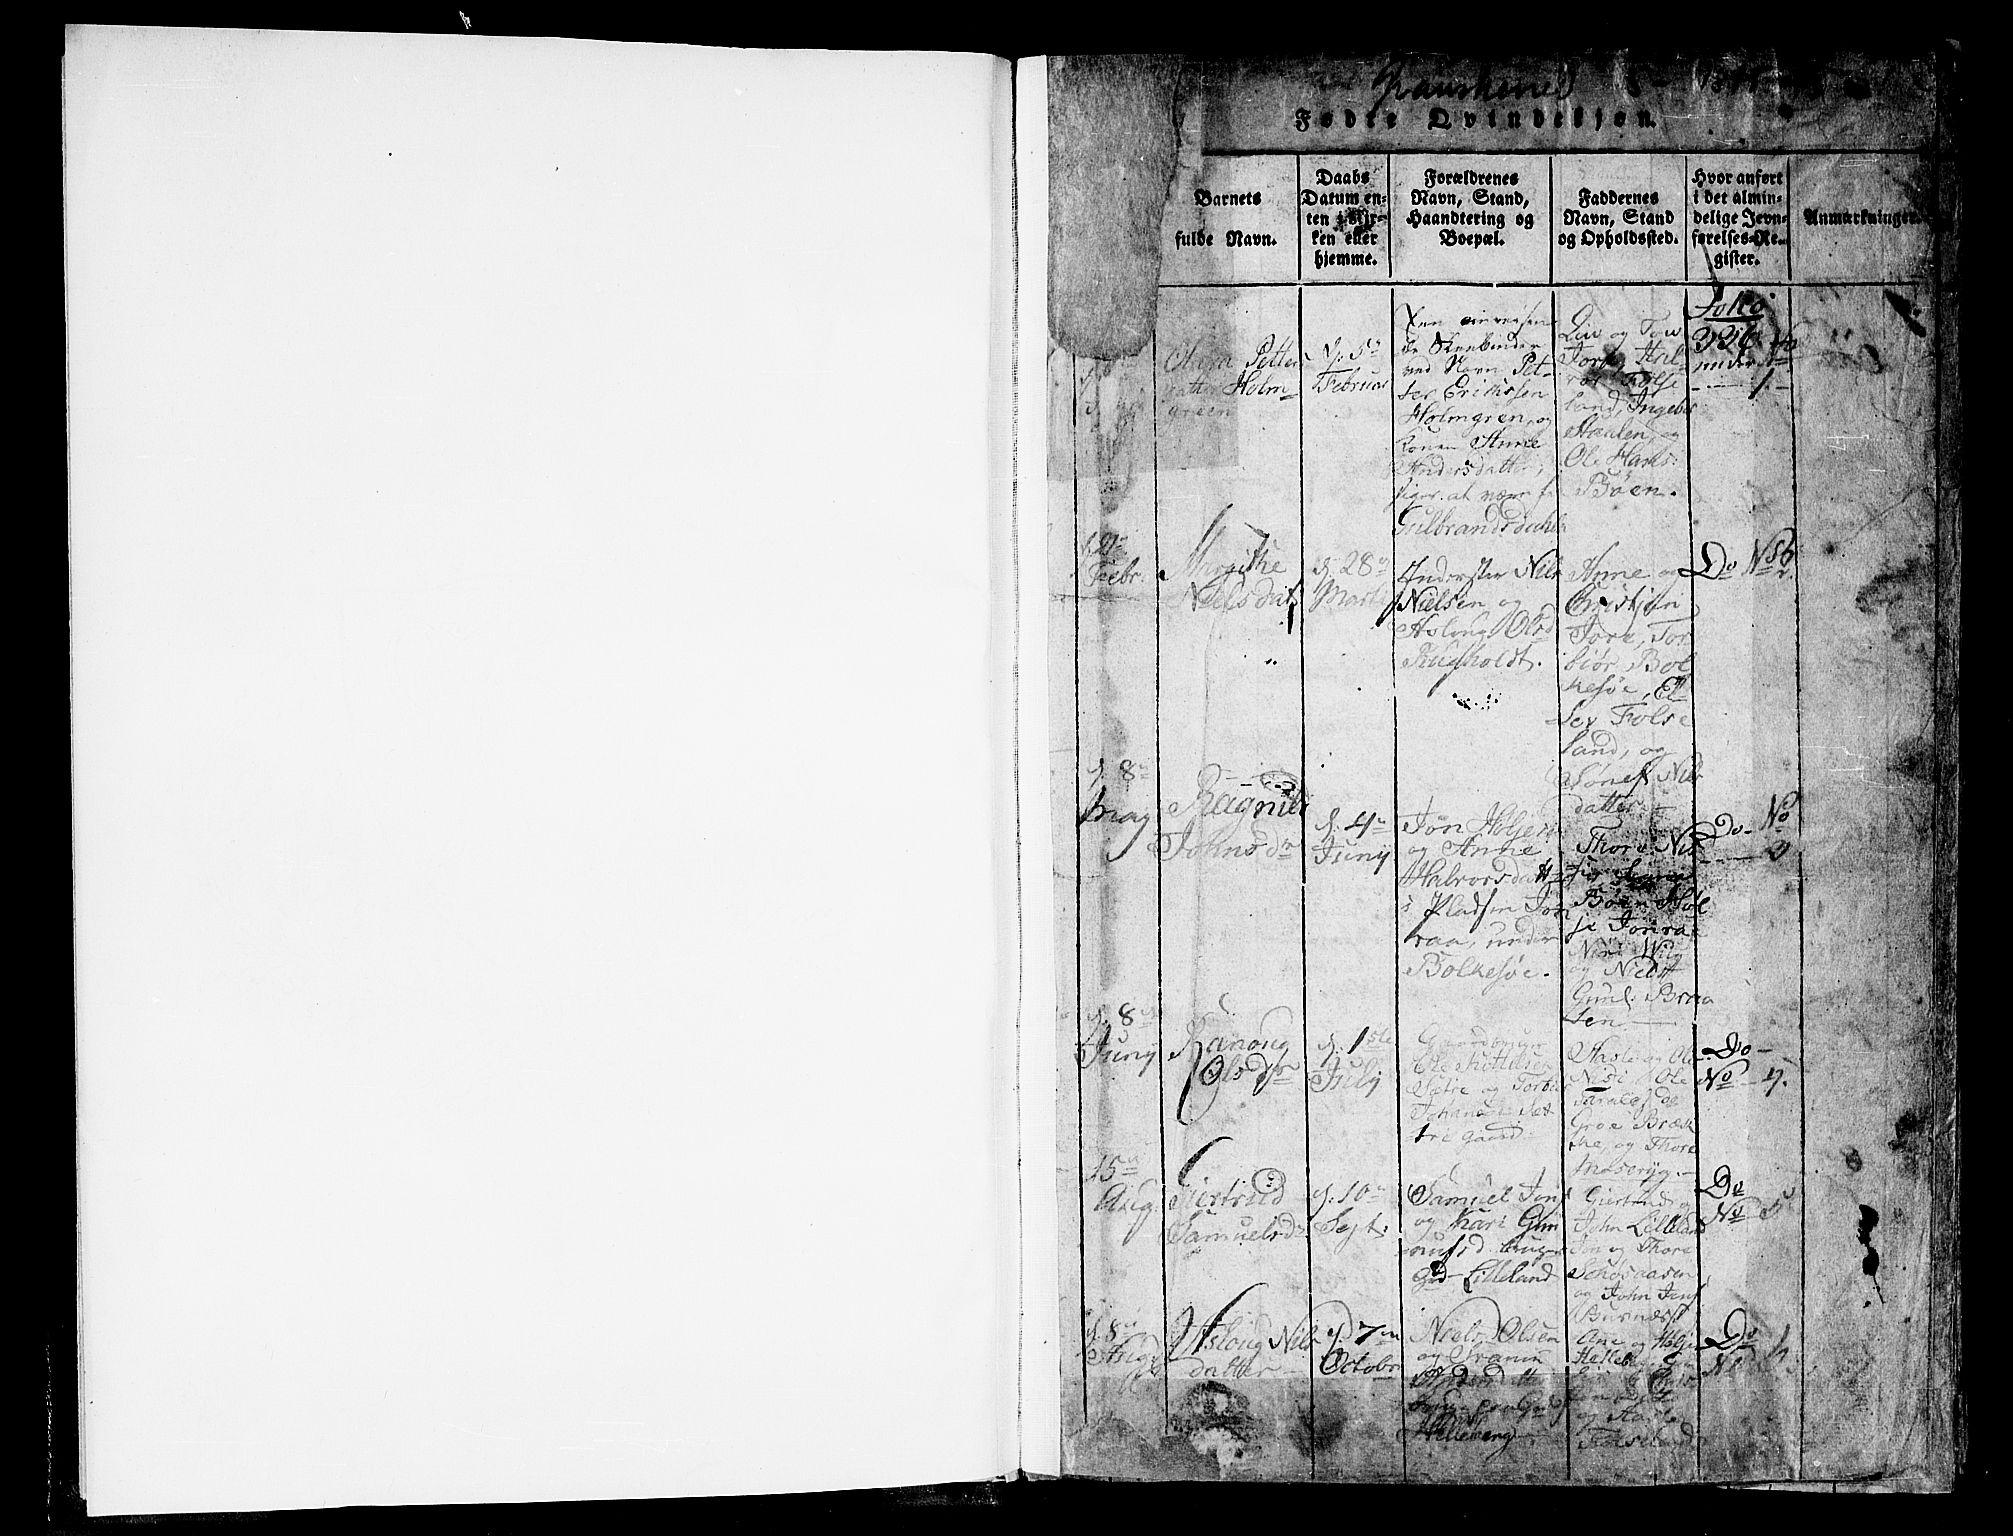 SAKO, Gransherad kirkebøker, F/Fa/L0001: Ministerialbok nr. I 1, 1815-1843, s. 1